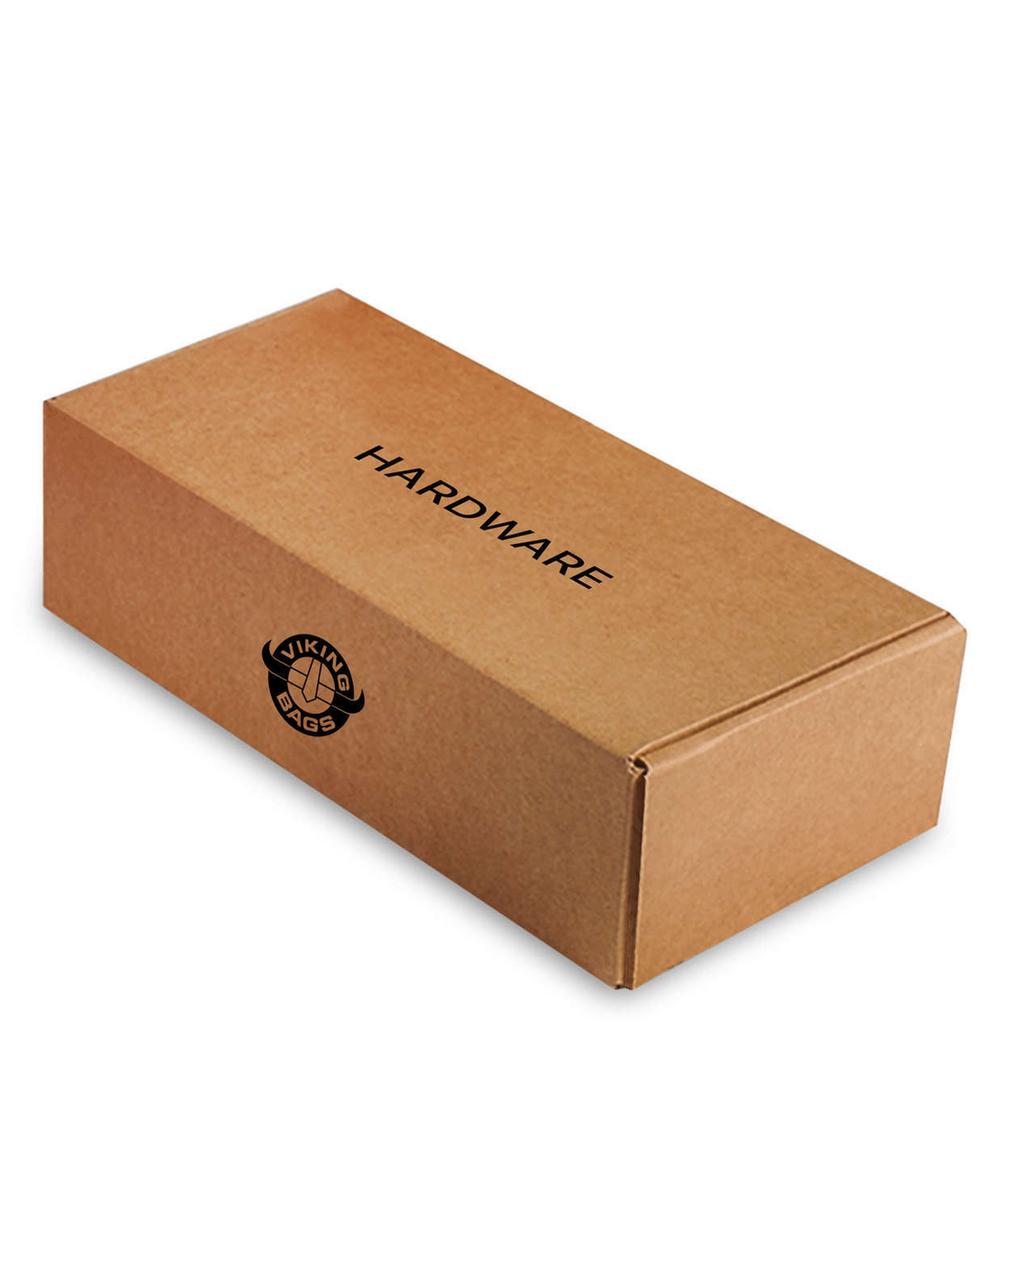 Honda 750 Shadow Aero Trianon Studded Leather Motorcycle Saddlebags Hardware Box